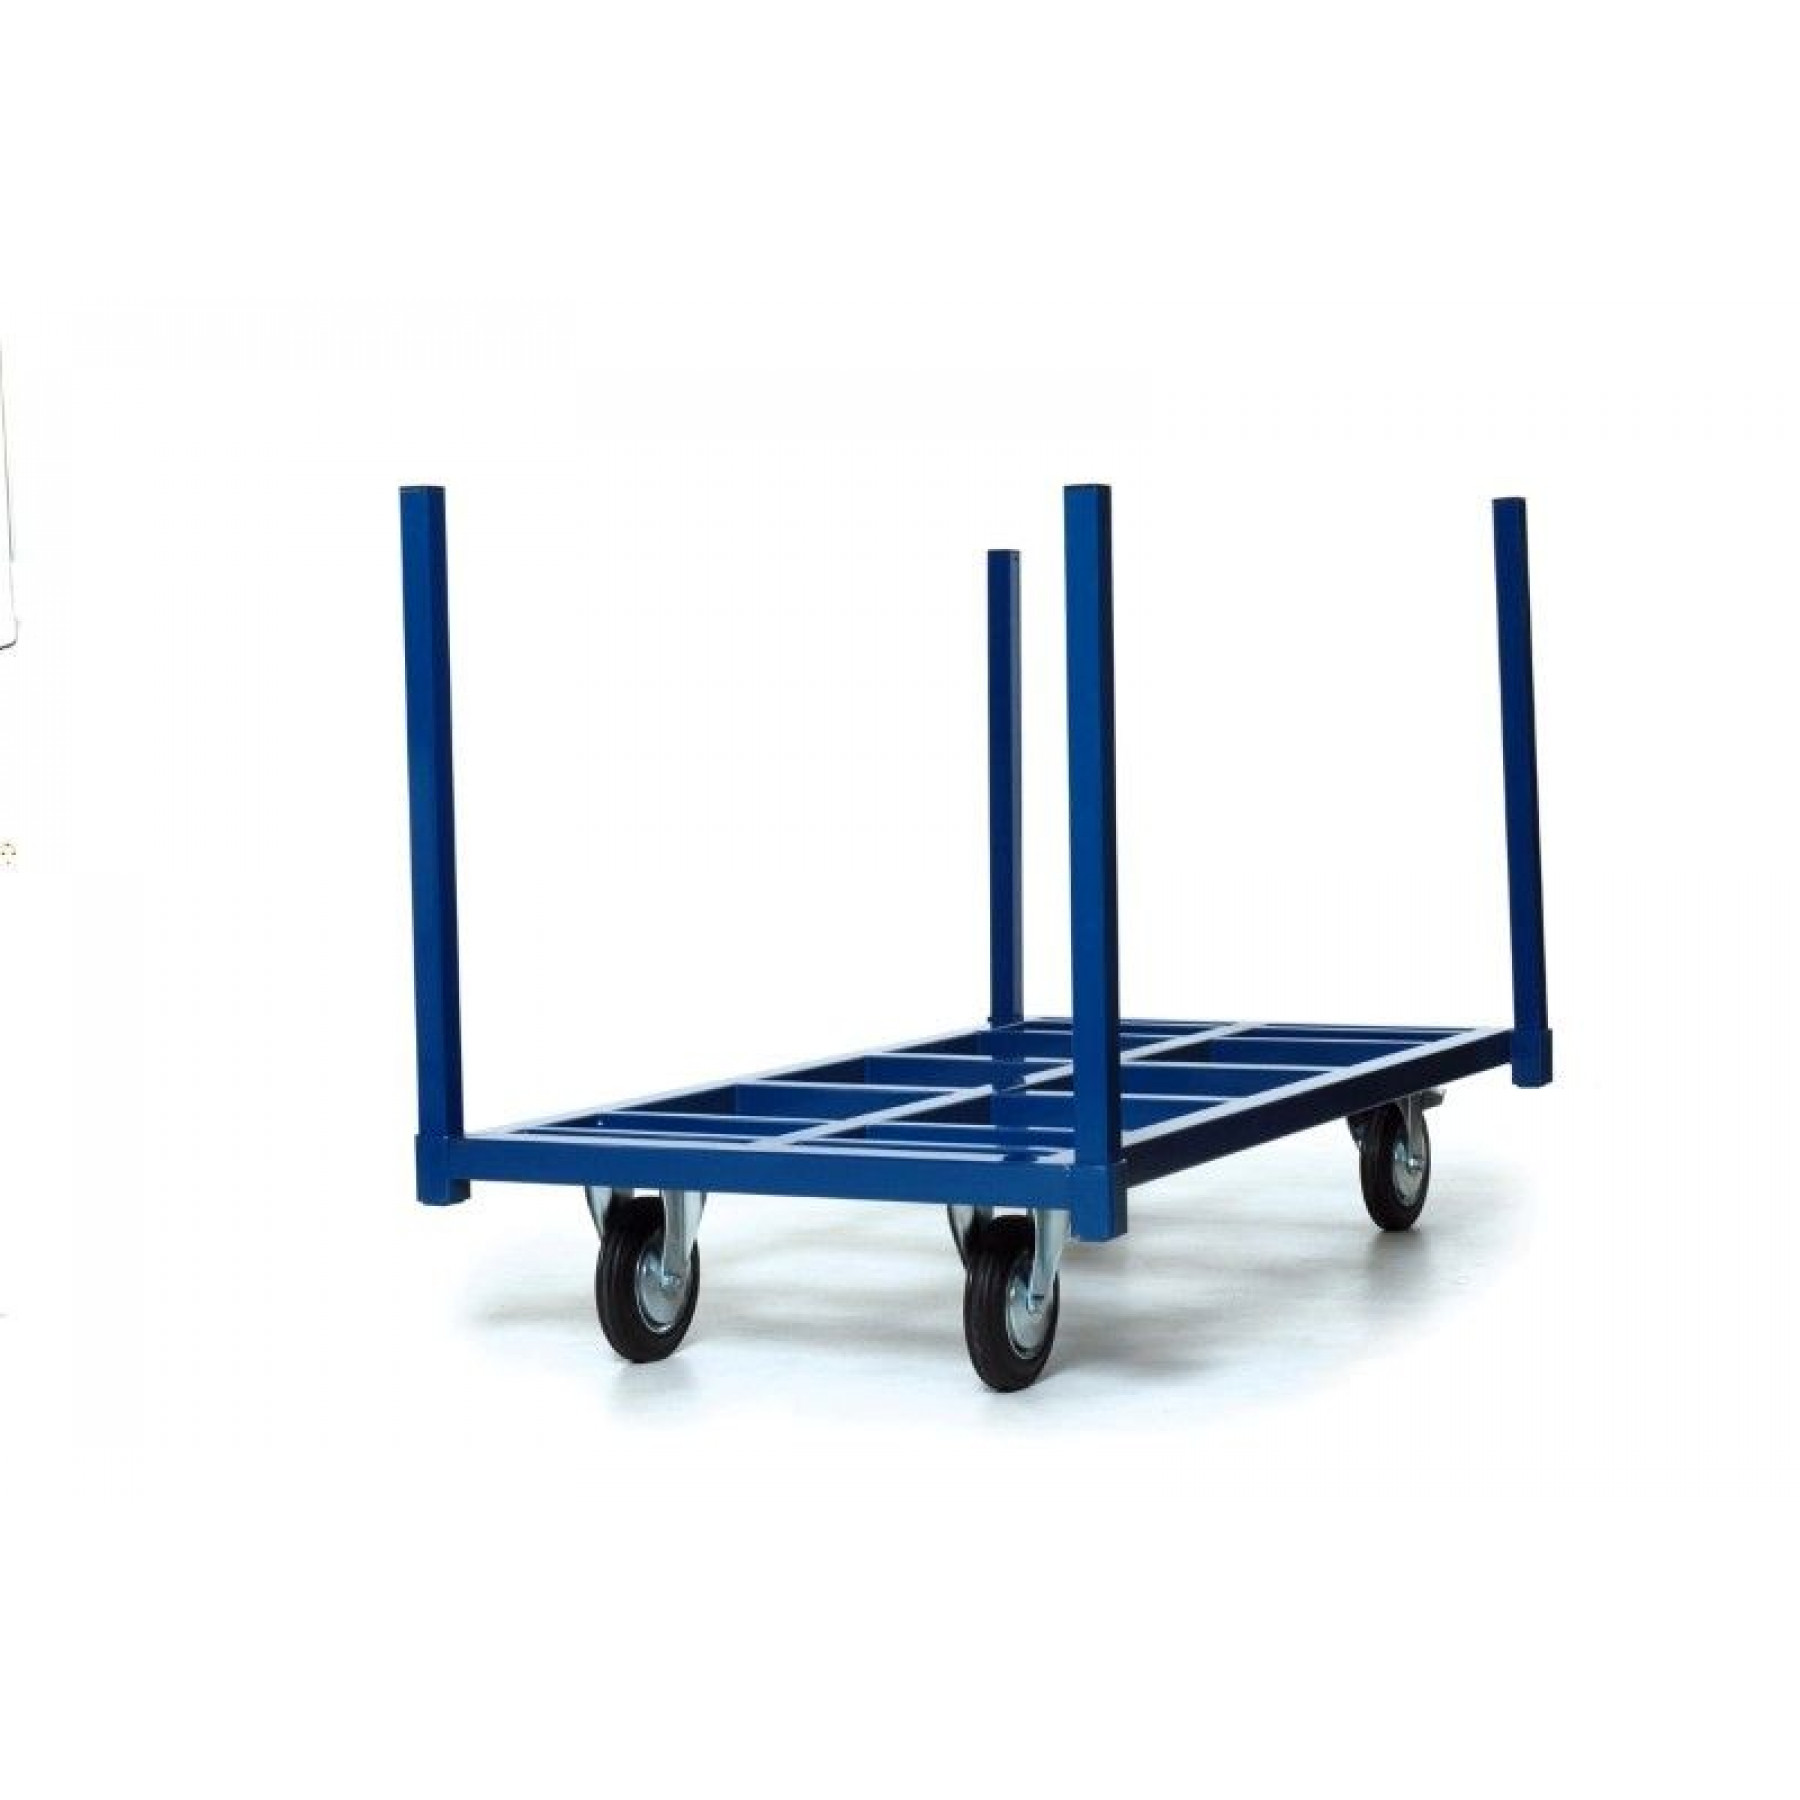 Rongenwagen 1600x800 mm. Draagvermogen 1000 kg, 204.047